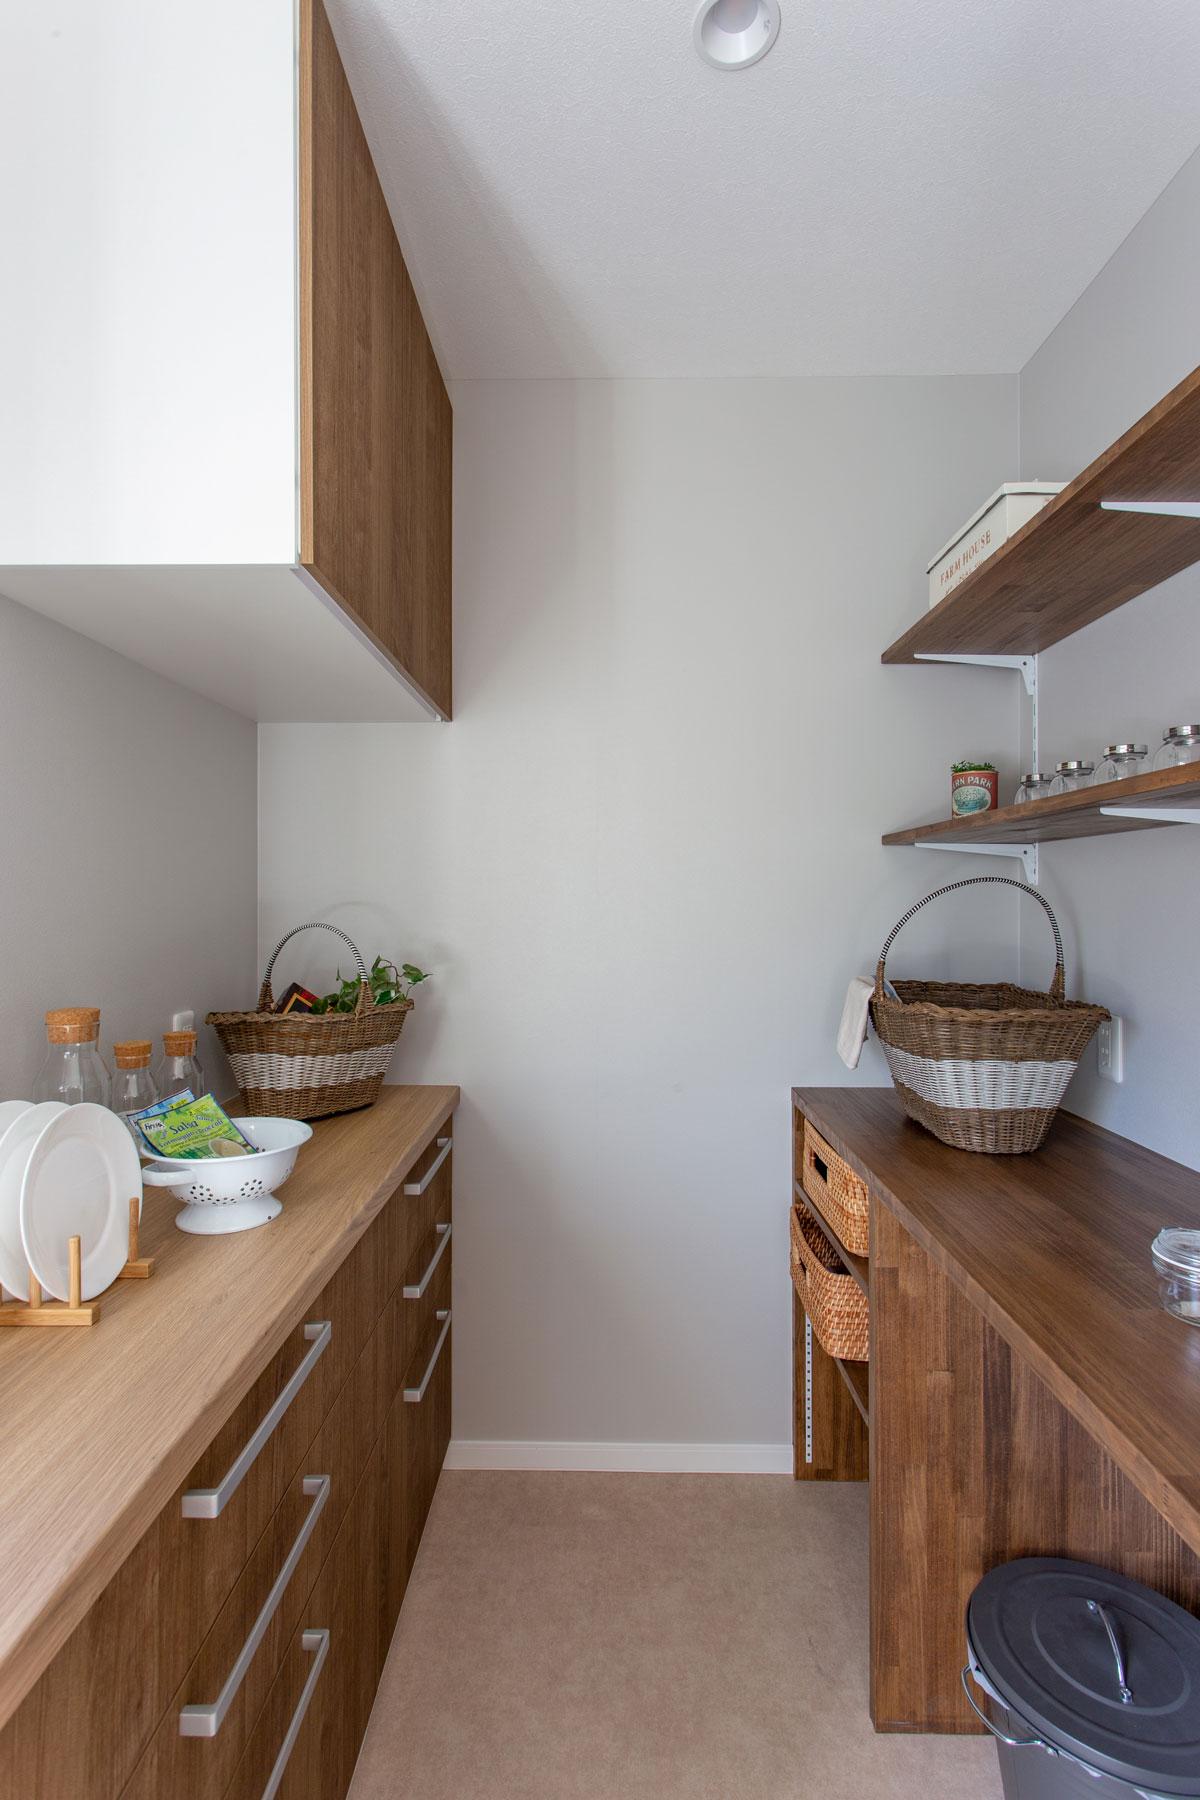 収納力も豊富なキッチンパントリーと作業スペース